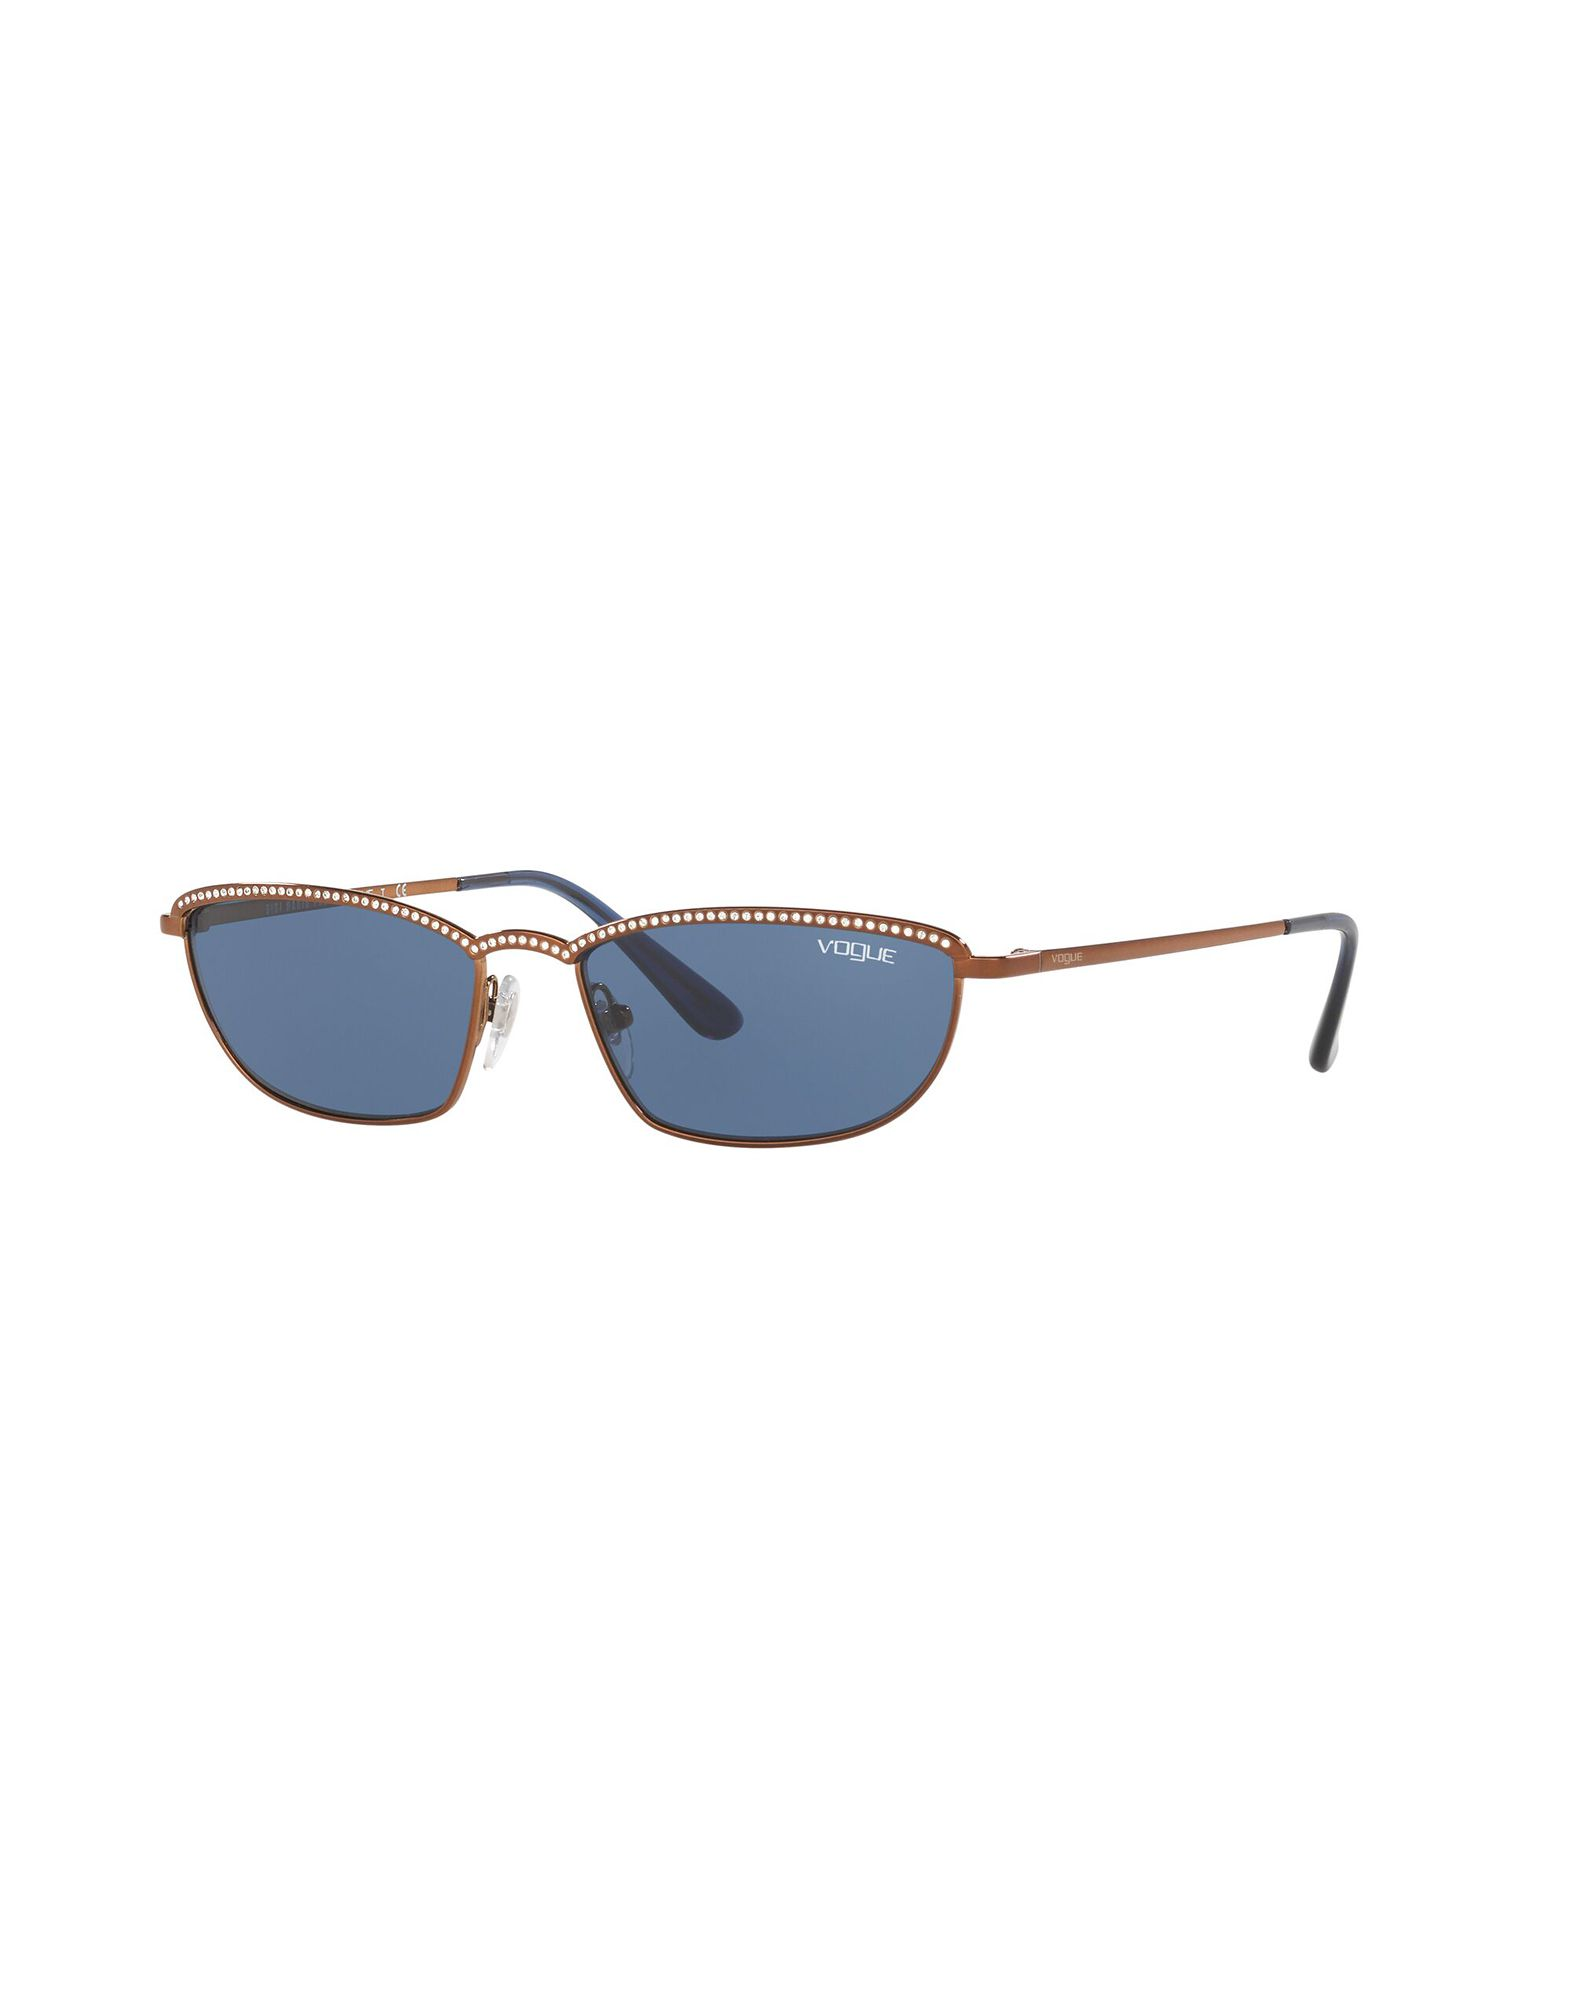 GIGI HADID for VOGUE Солнечные очки